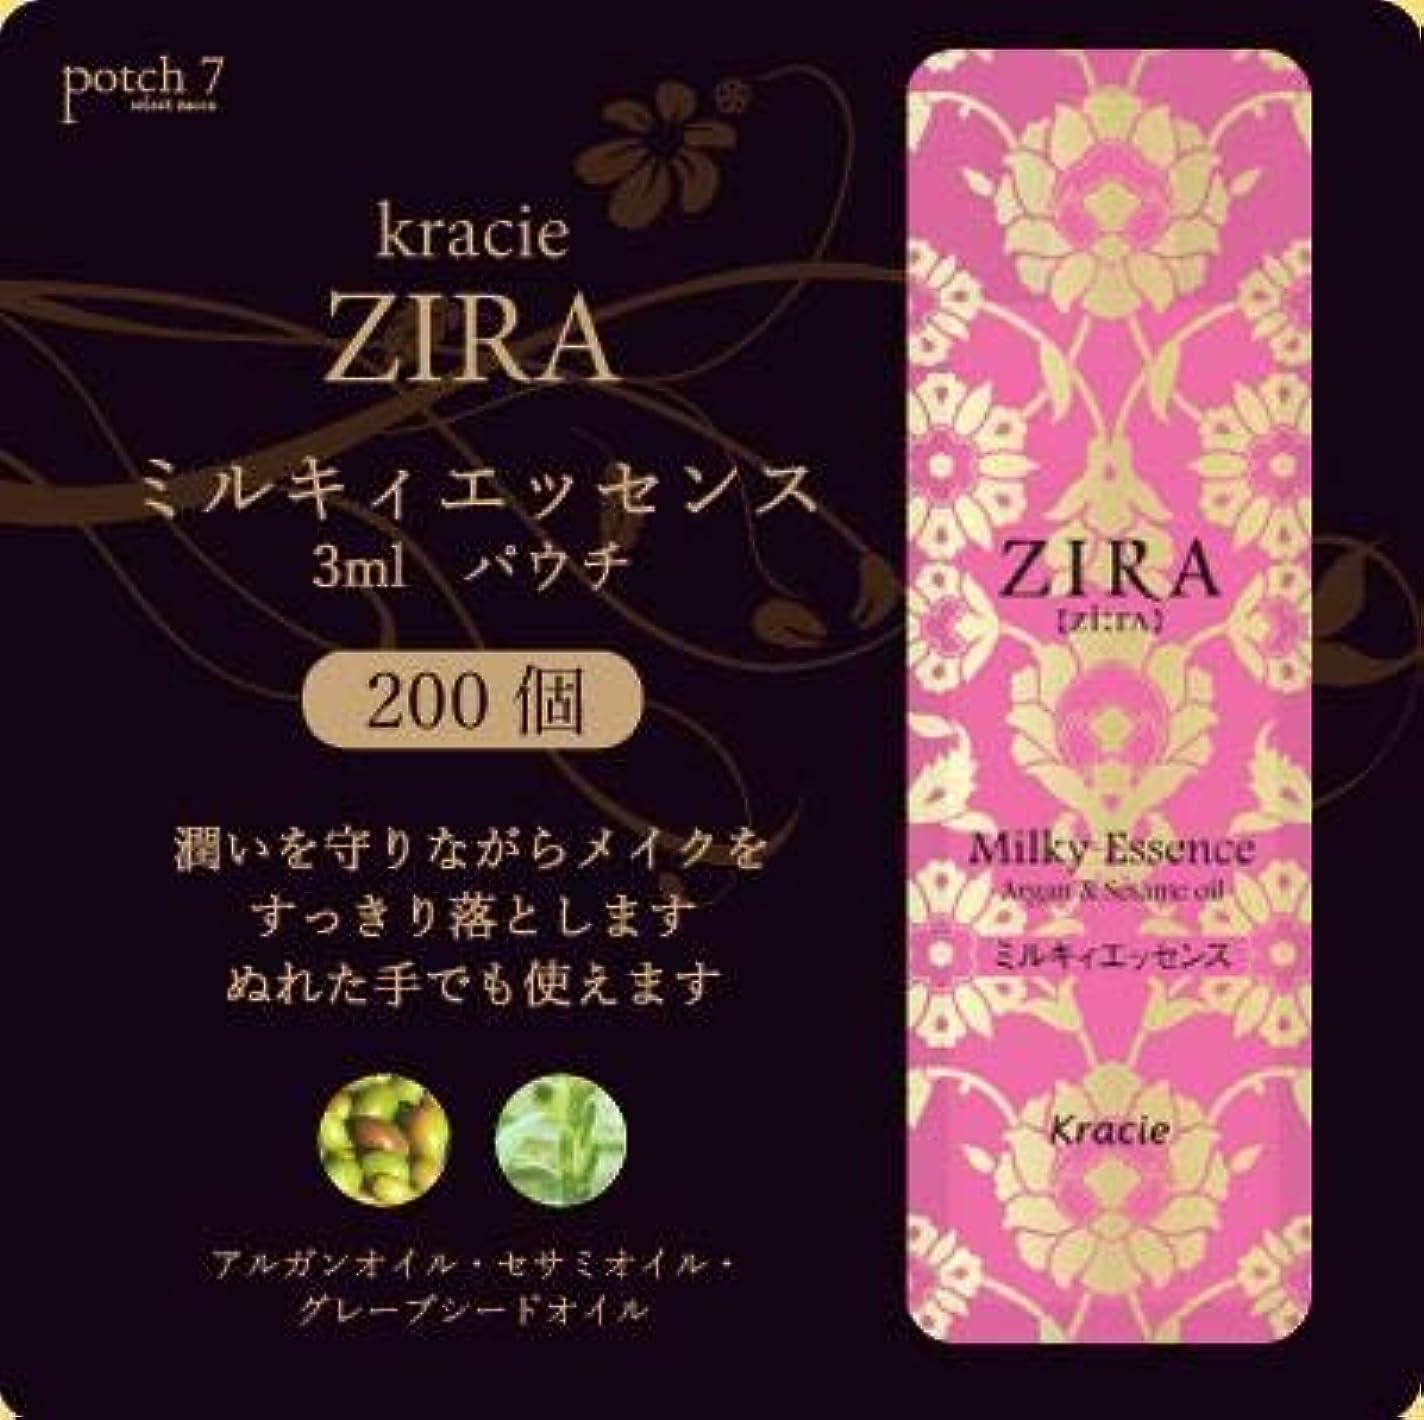 裕福な有名人協定Kracie クラシエ ZIRA ジーラ ミルキィエッセンス 美容液 パウチ 3ml 200個入